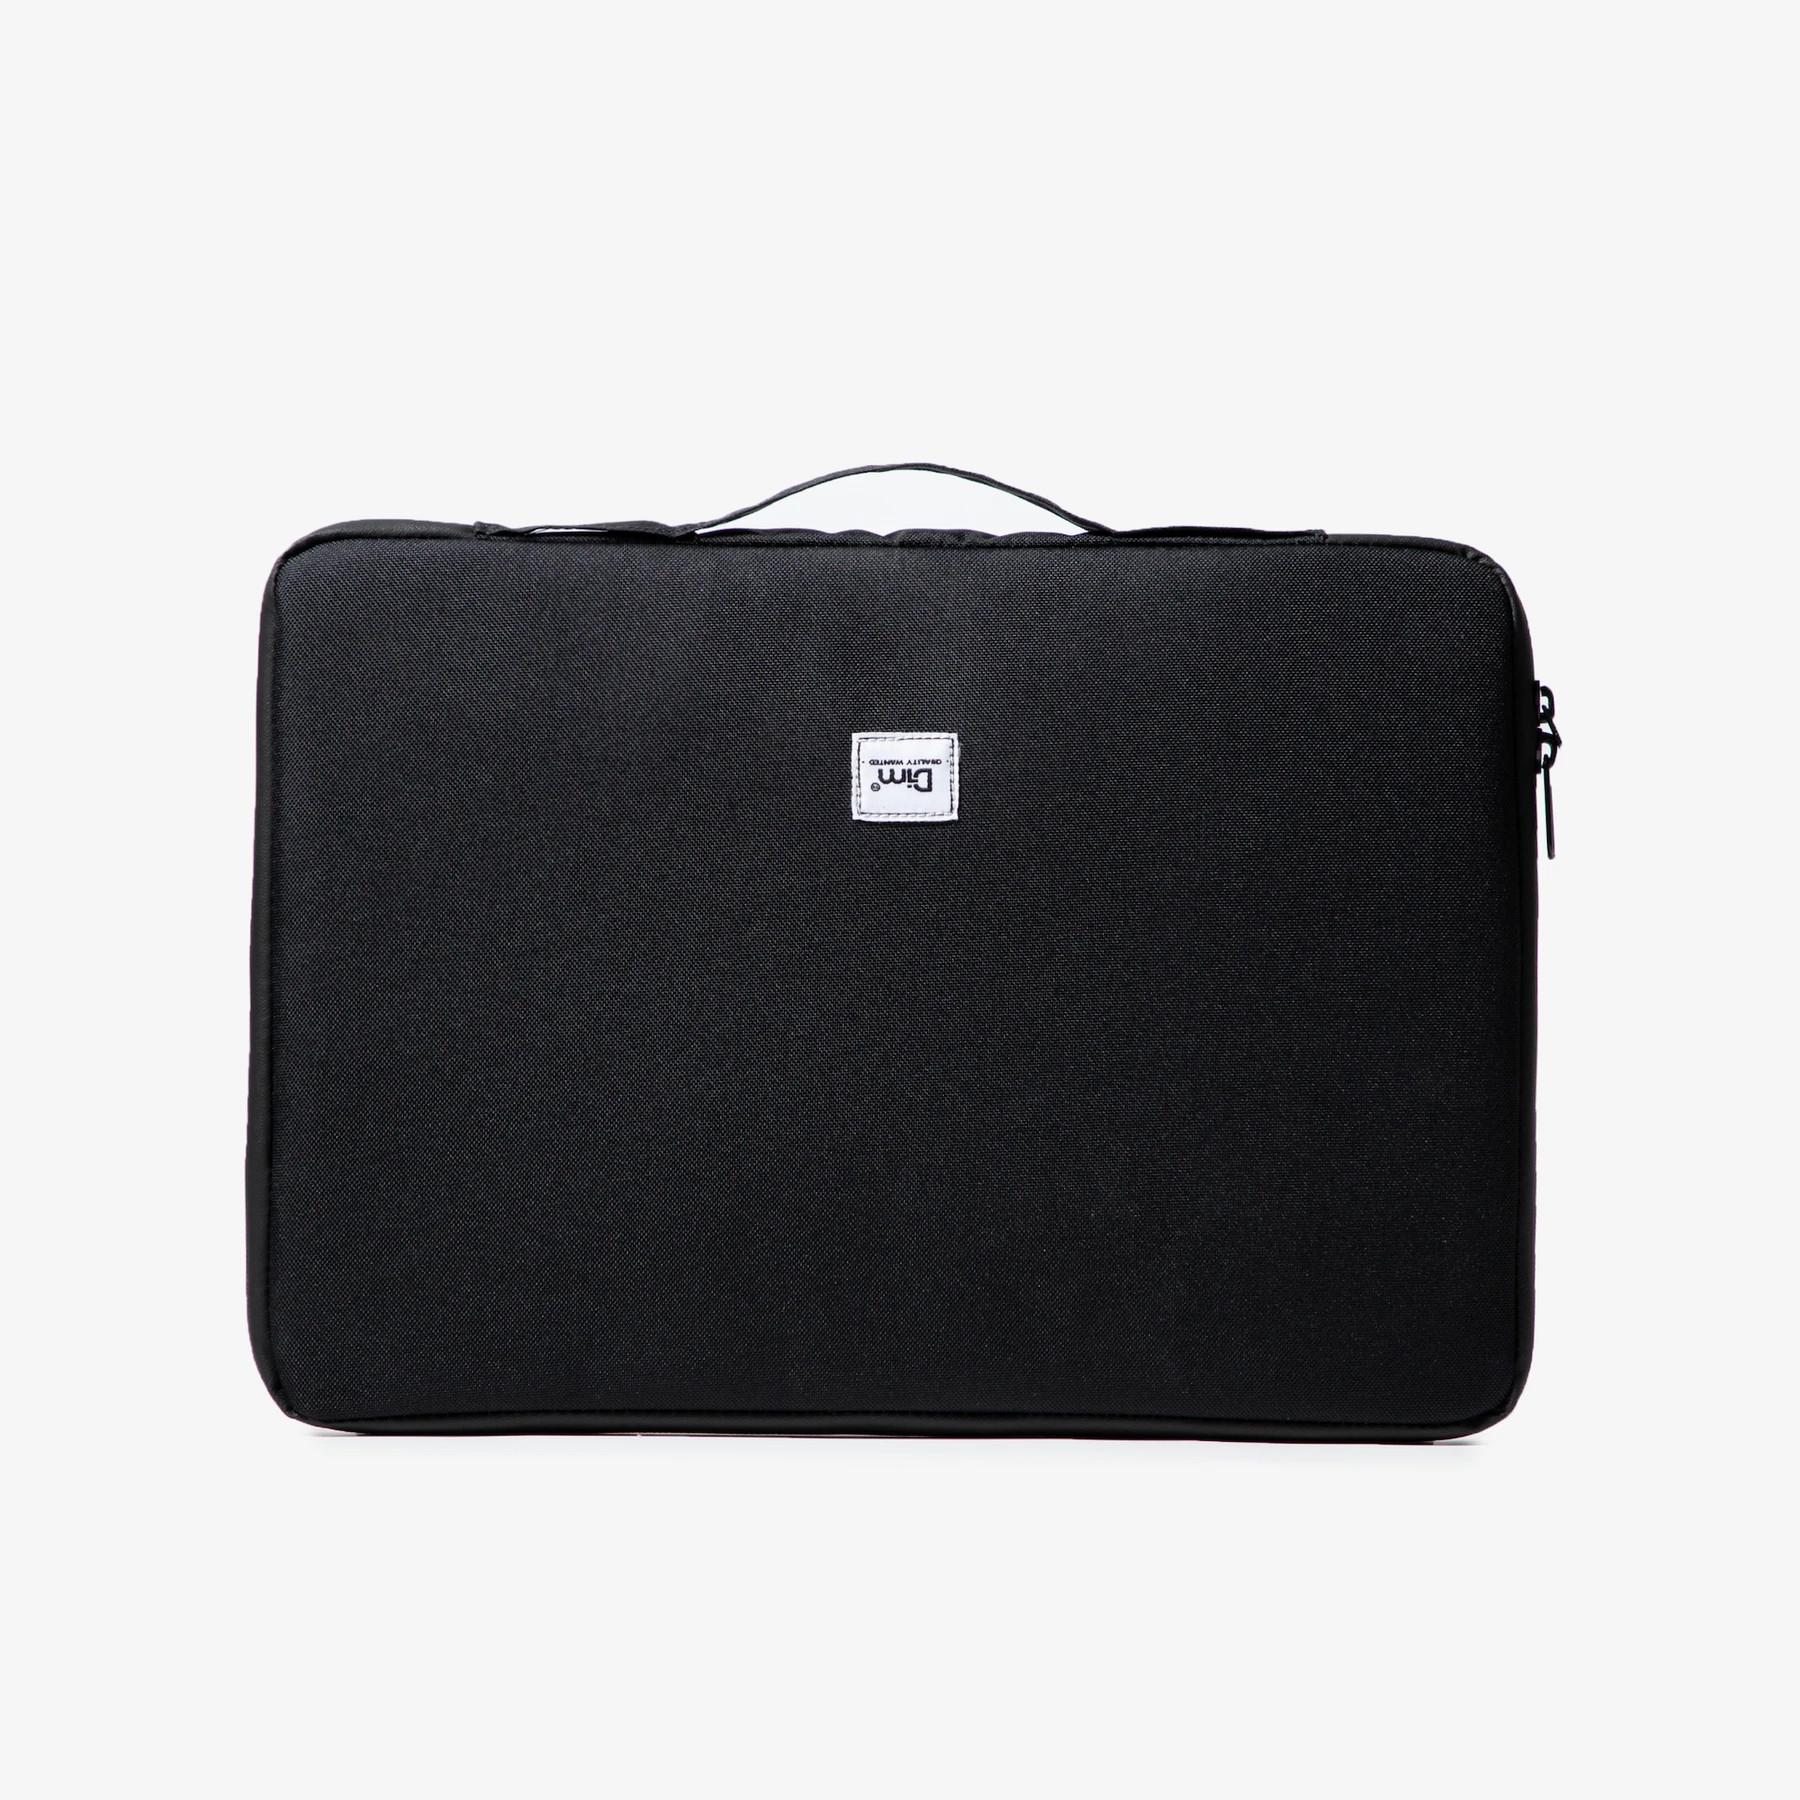 Túi Chống Sốc Laptop DIM Laptop Case (Bao Chống Sốc Cho Laptop 13inch, Chia Ngăn Nhỏ Tiện Lợi)